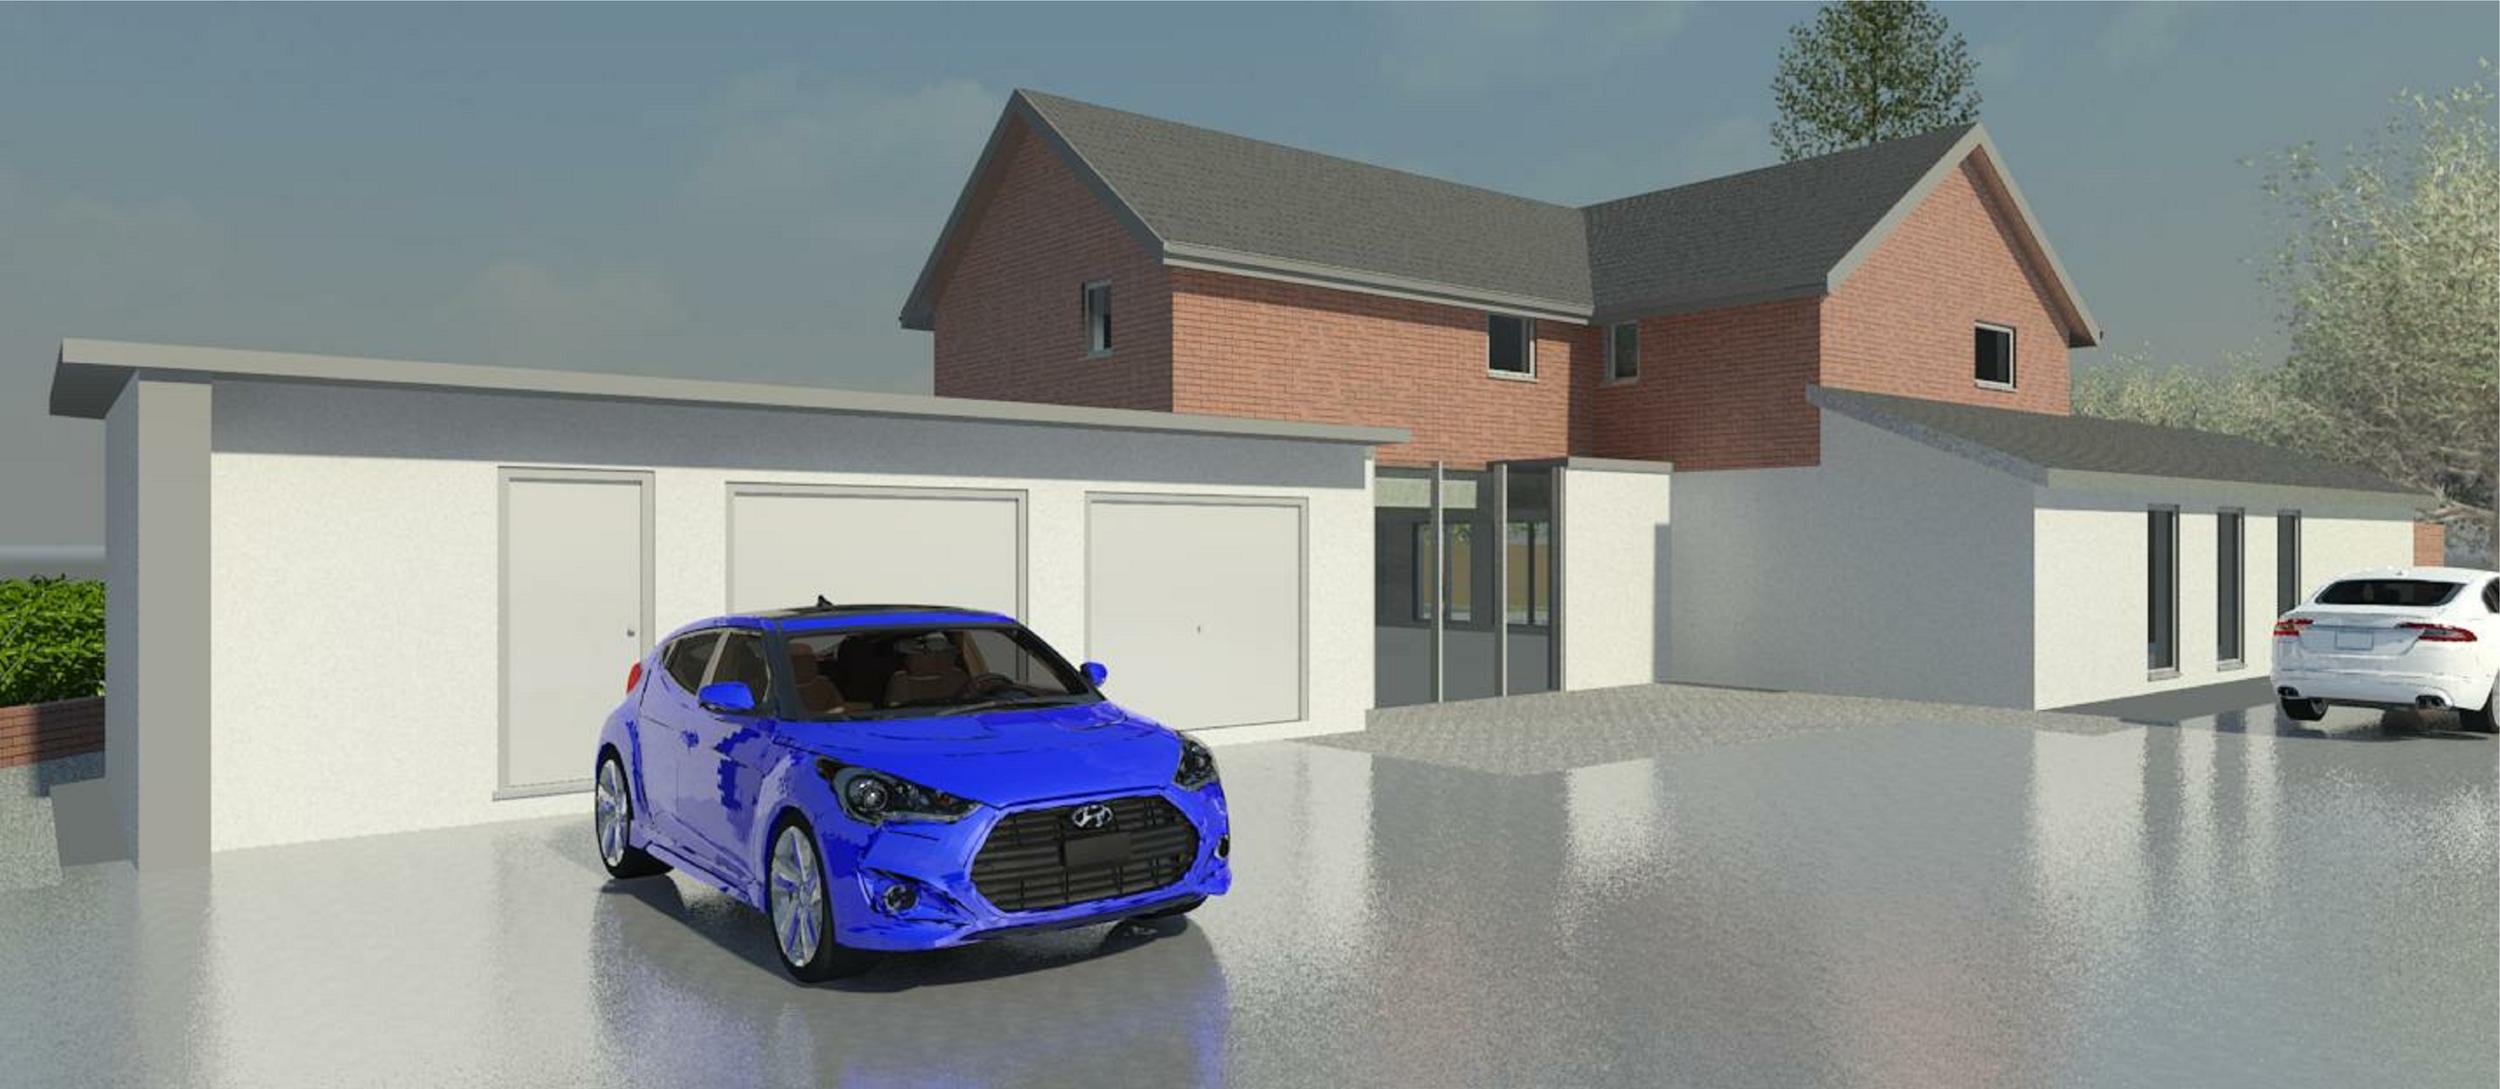 15060_New Build_Adam Hewitt - 4 - Render.png